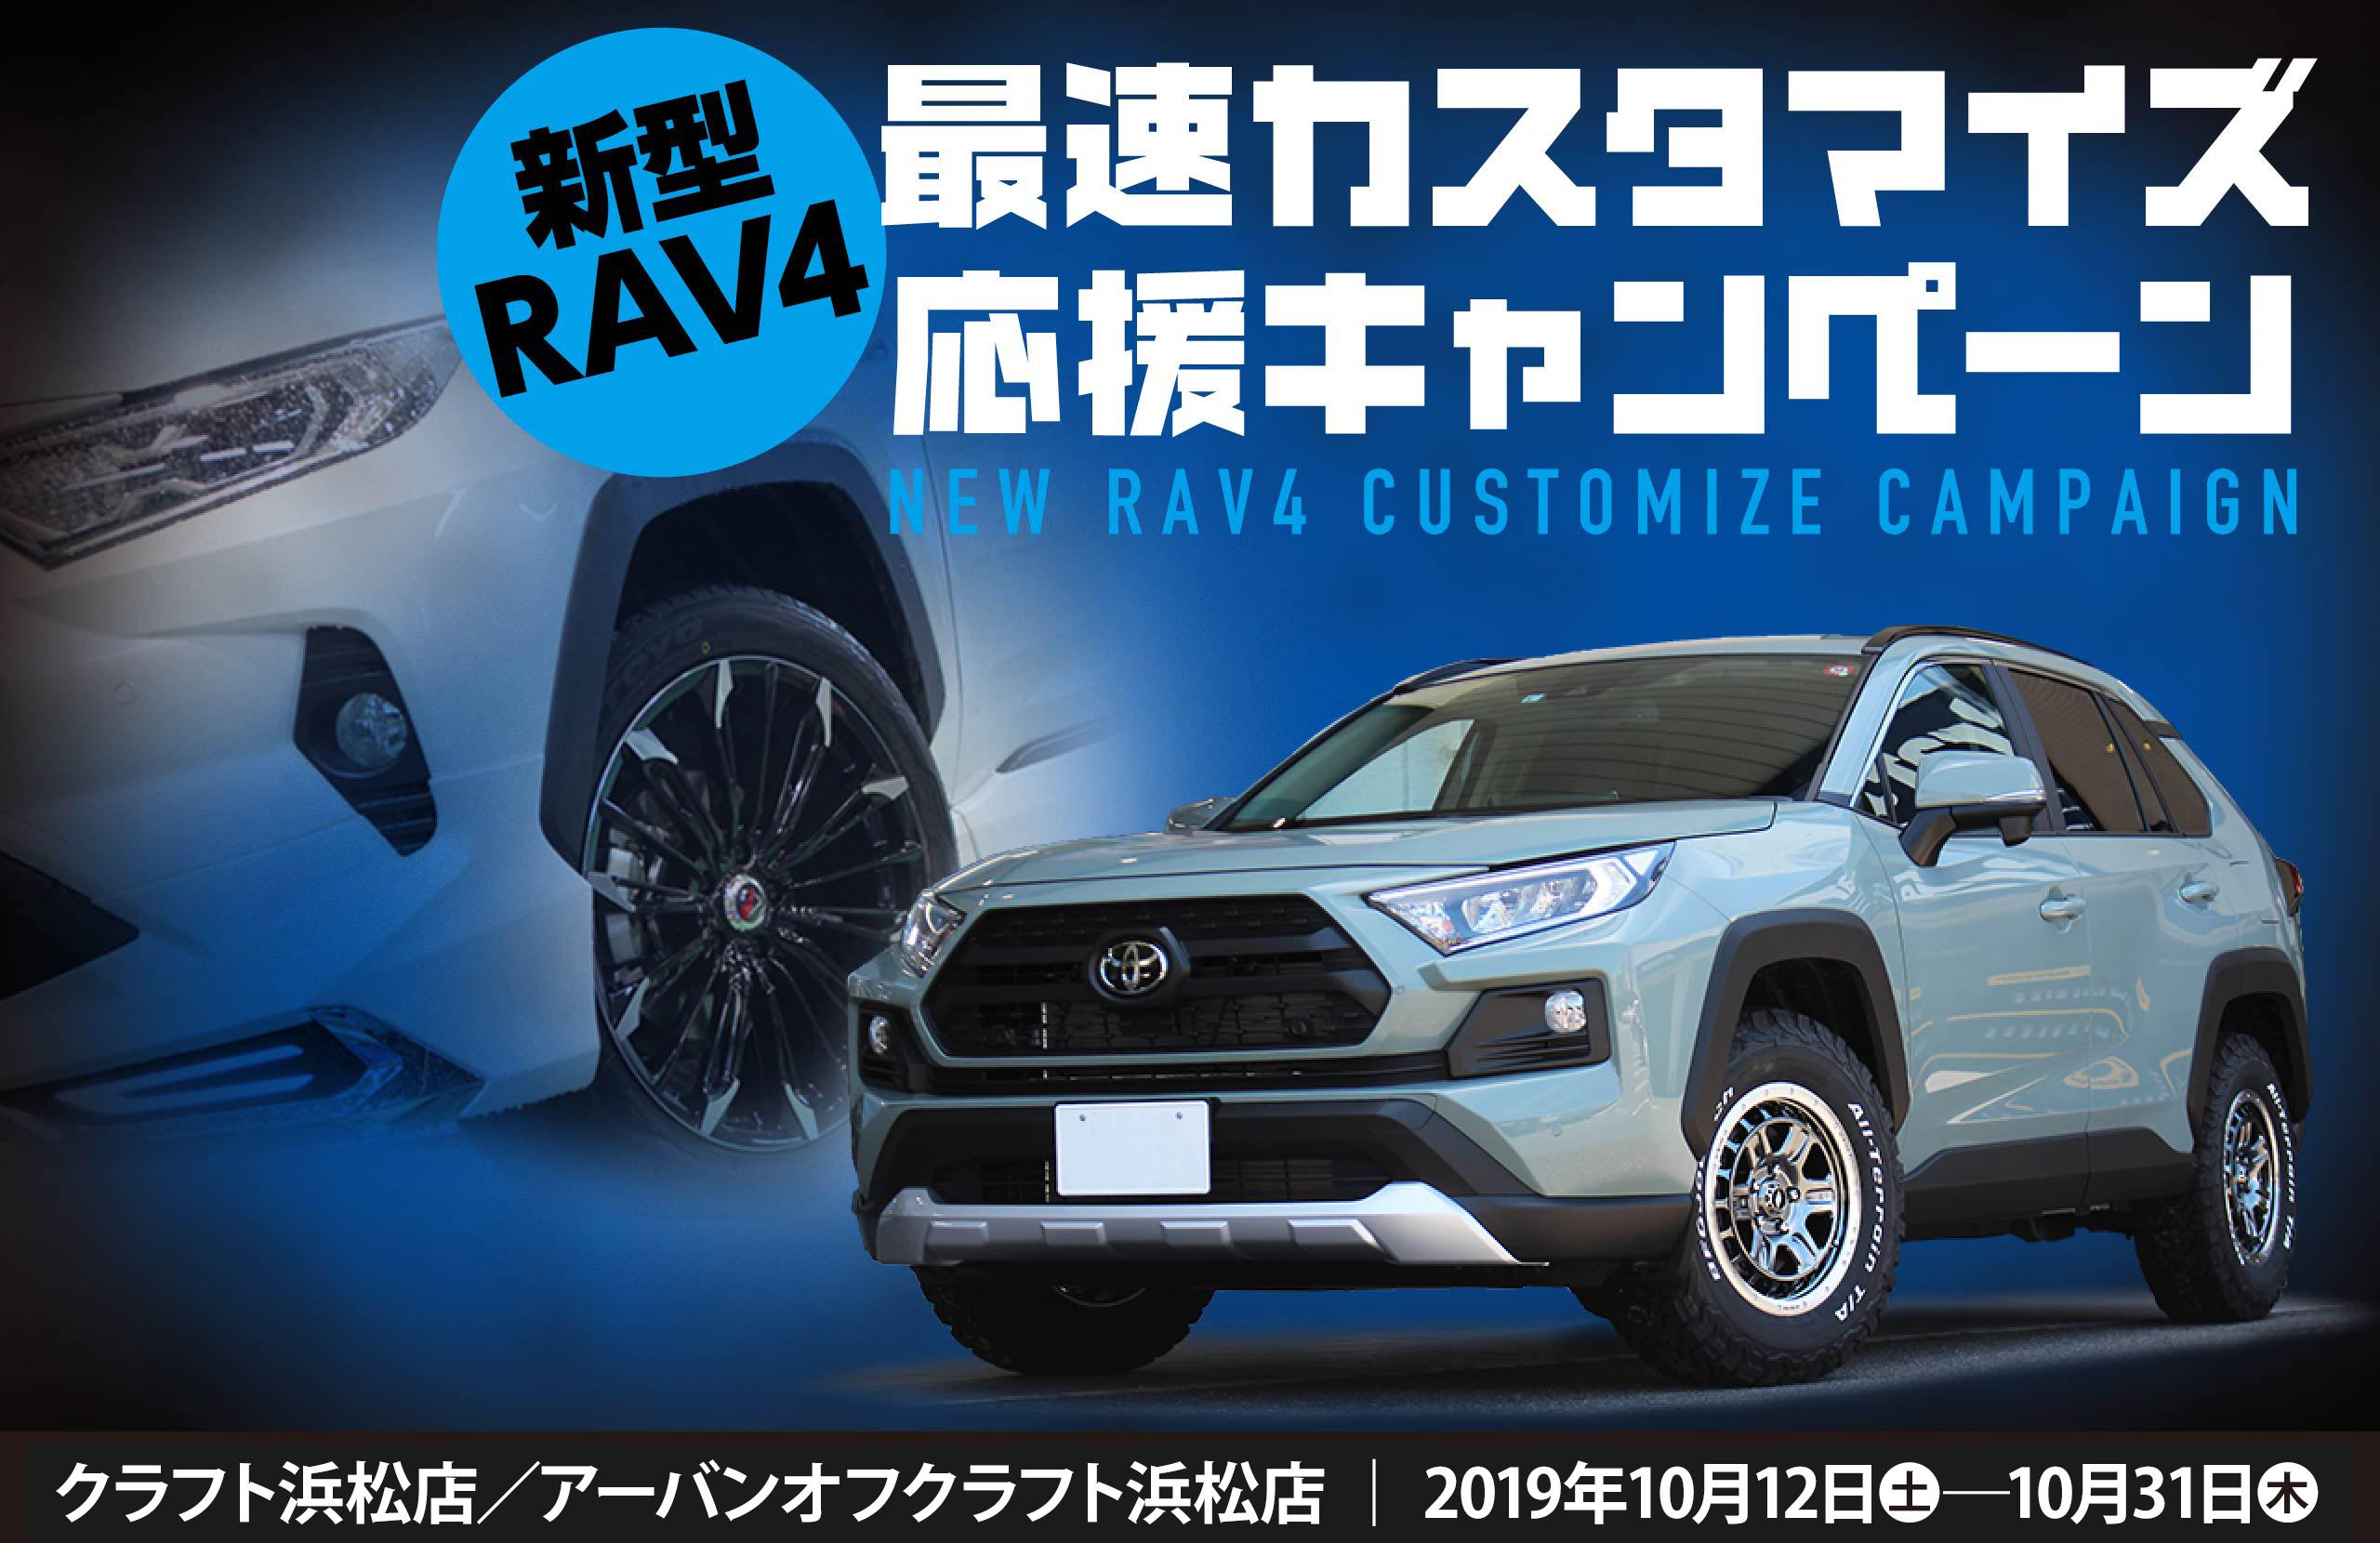 新型RAV4 最速カスタマイズ応援キャンペーン in 浜松!